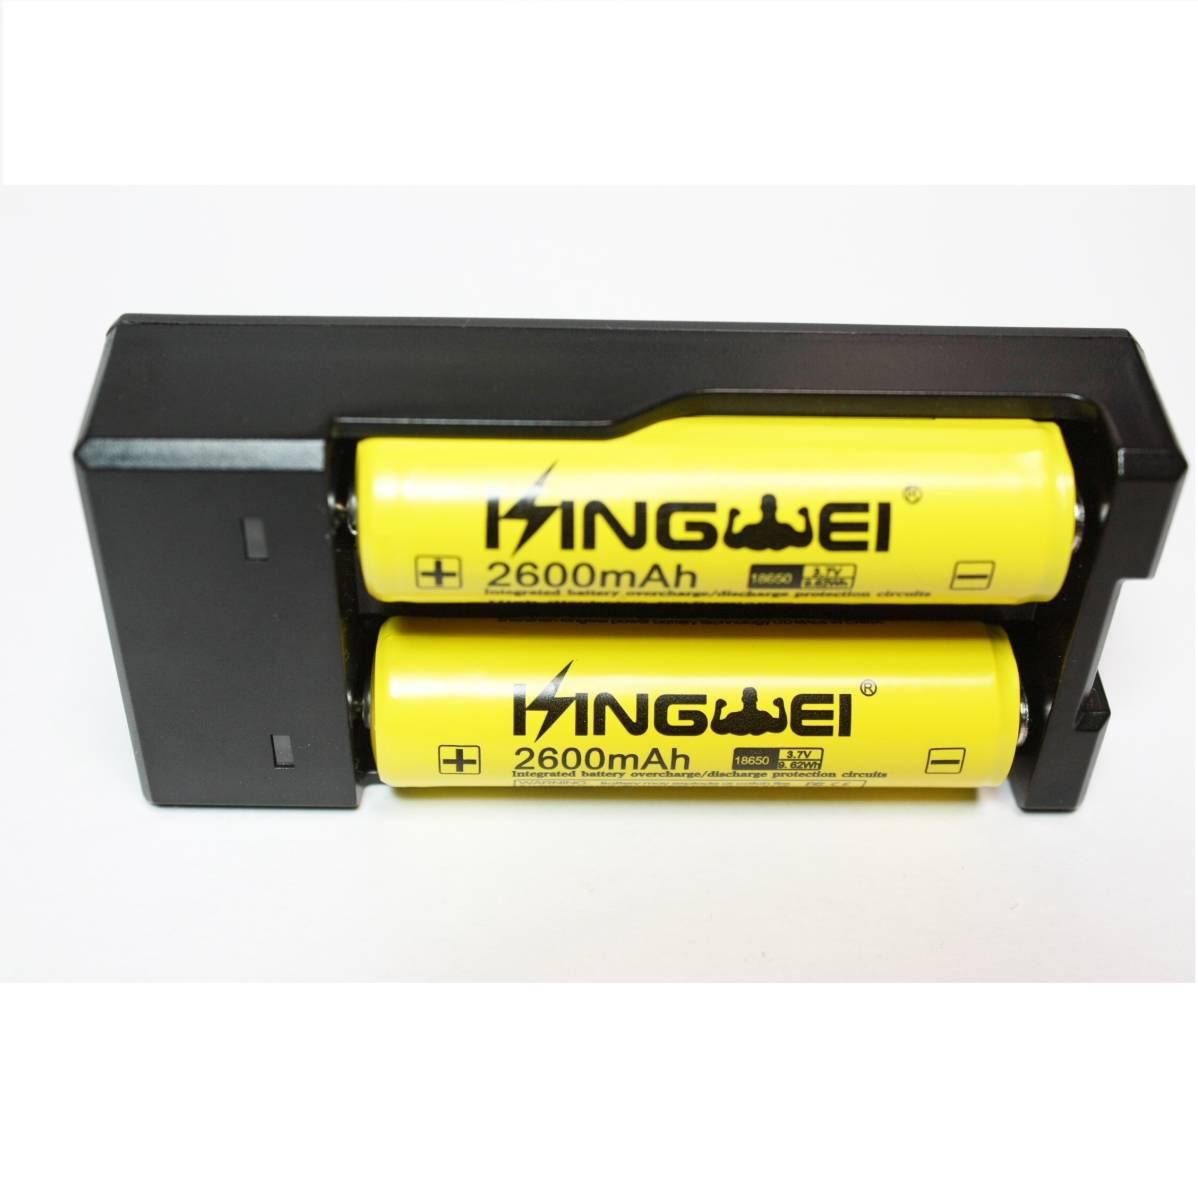 正規容量 18650 経済産業省適合品 リチウムイオン 充電池 2本 + 急速充電器 バッテリー 懐中電灯 ヘッドライト06_画像2